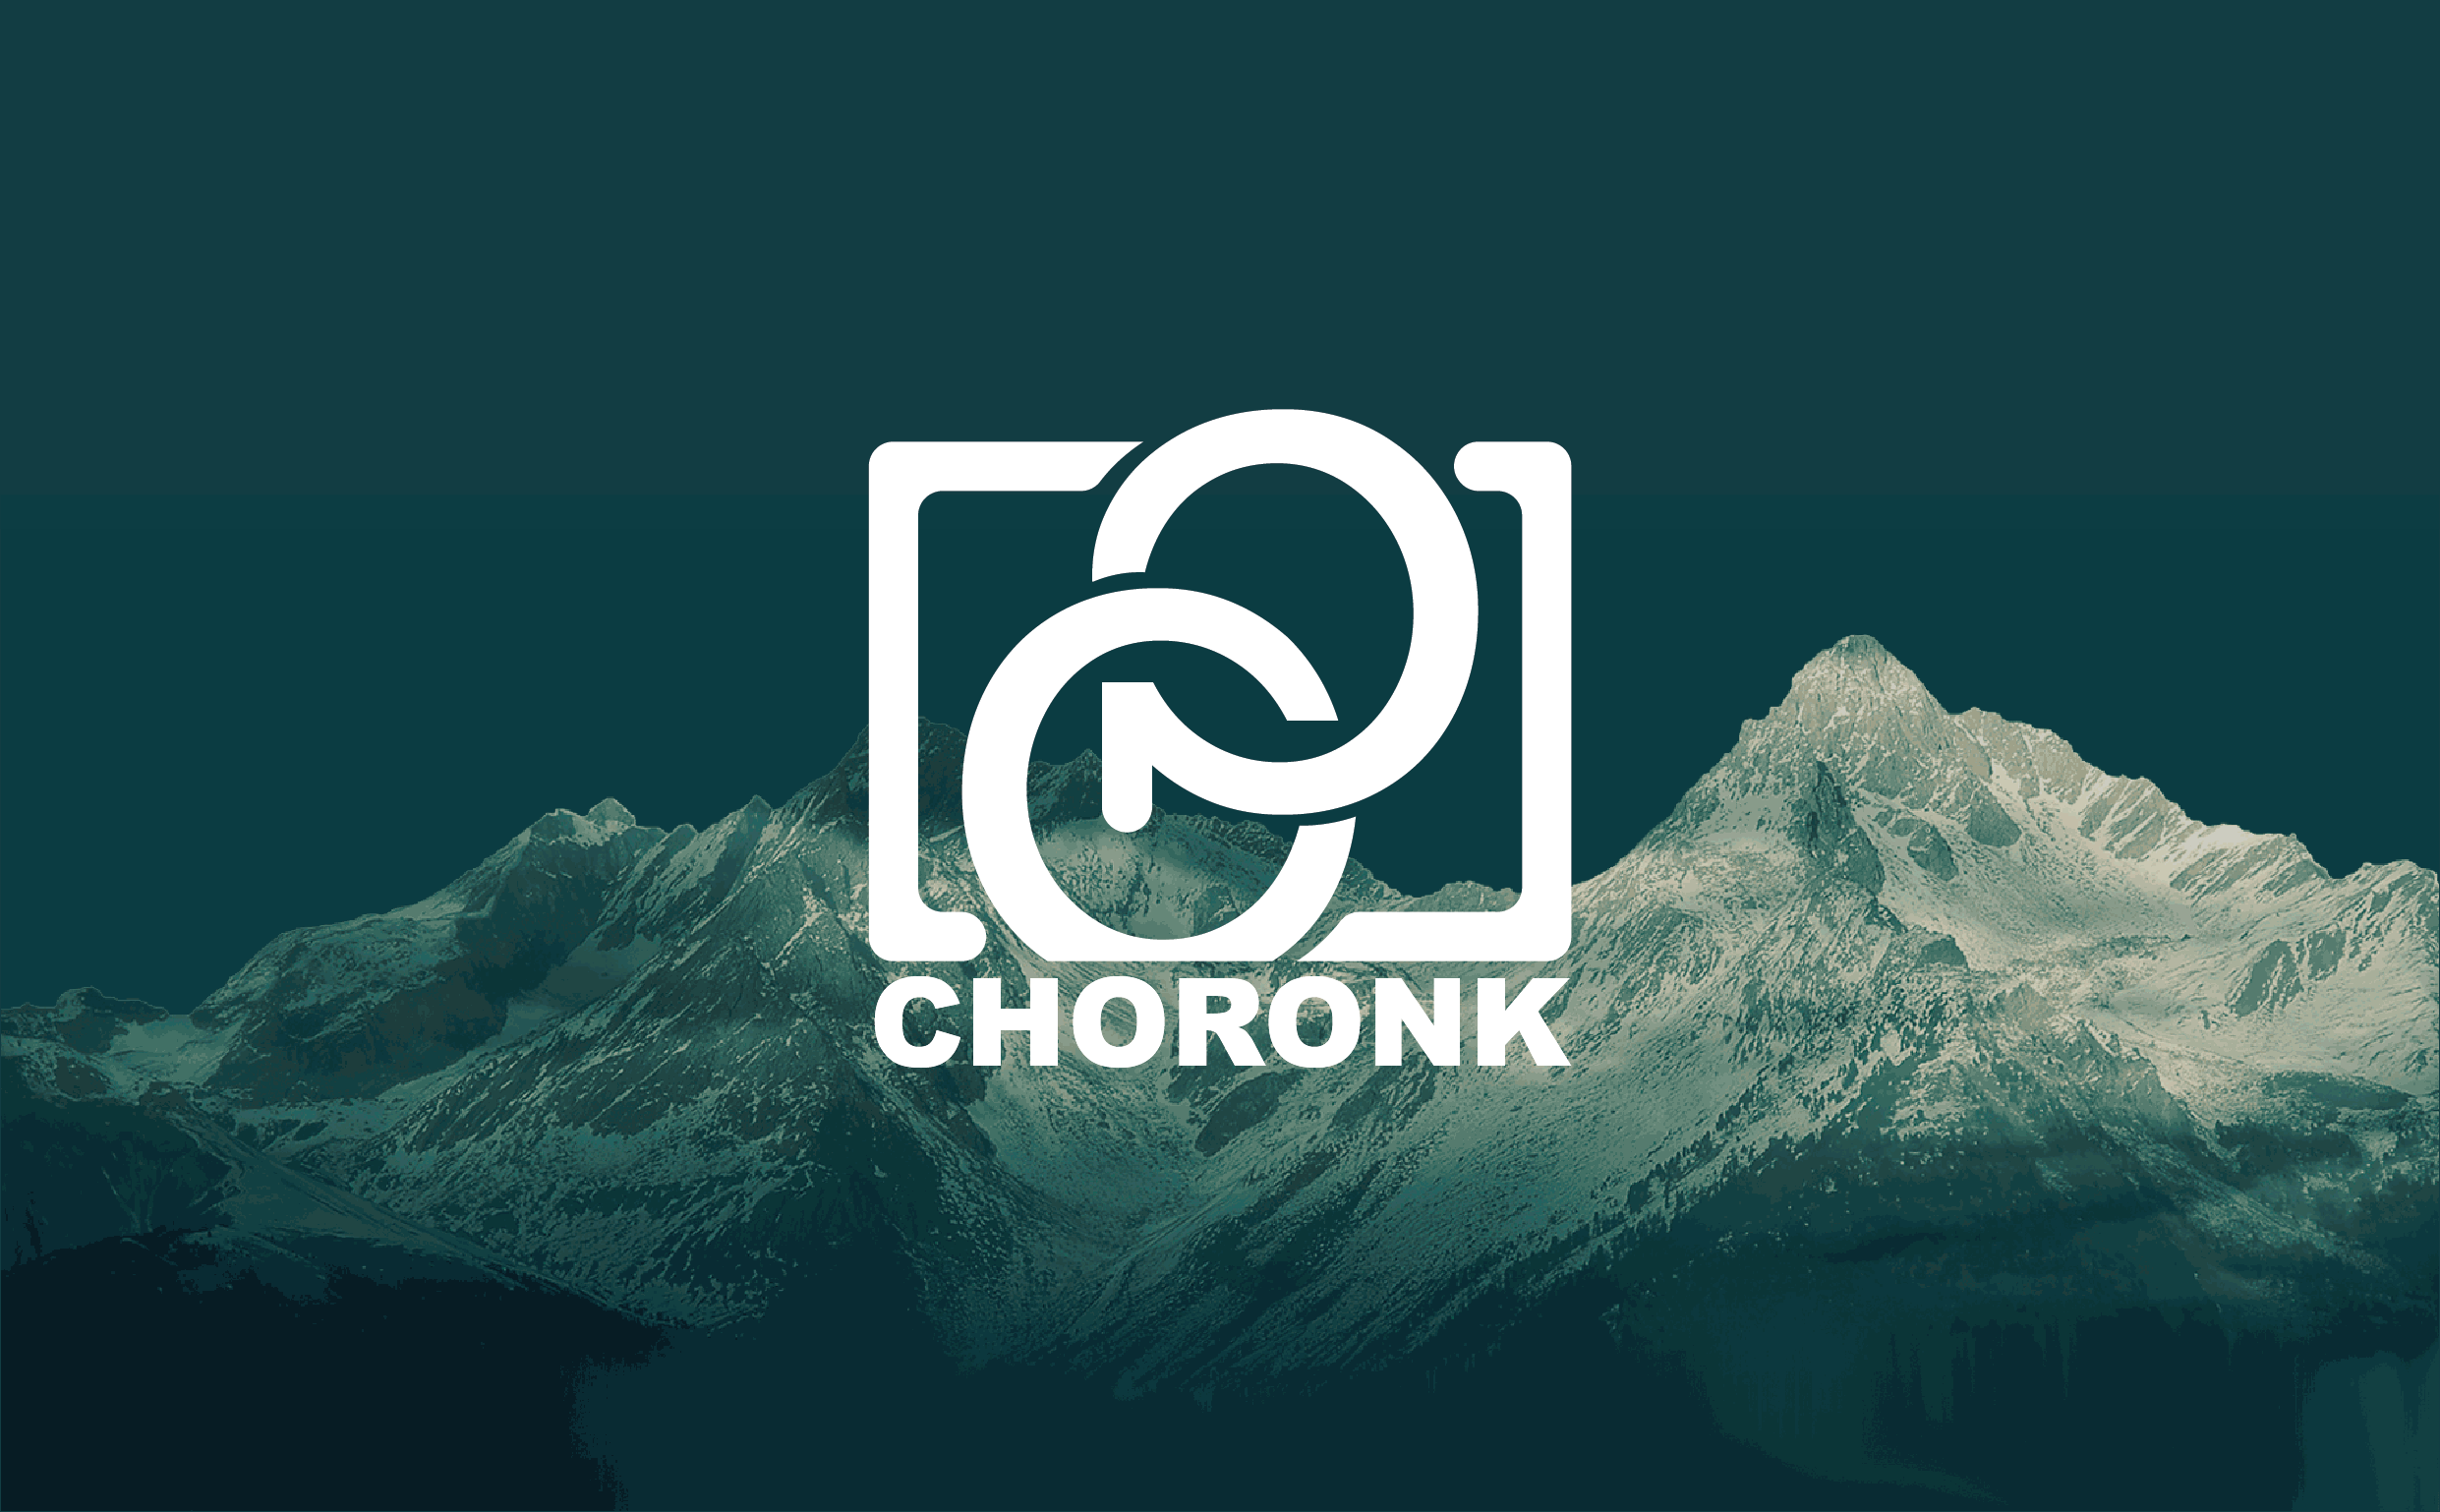 Choronk Logo Design